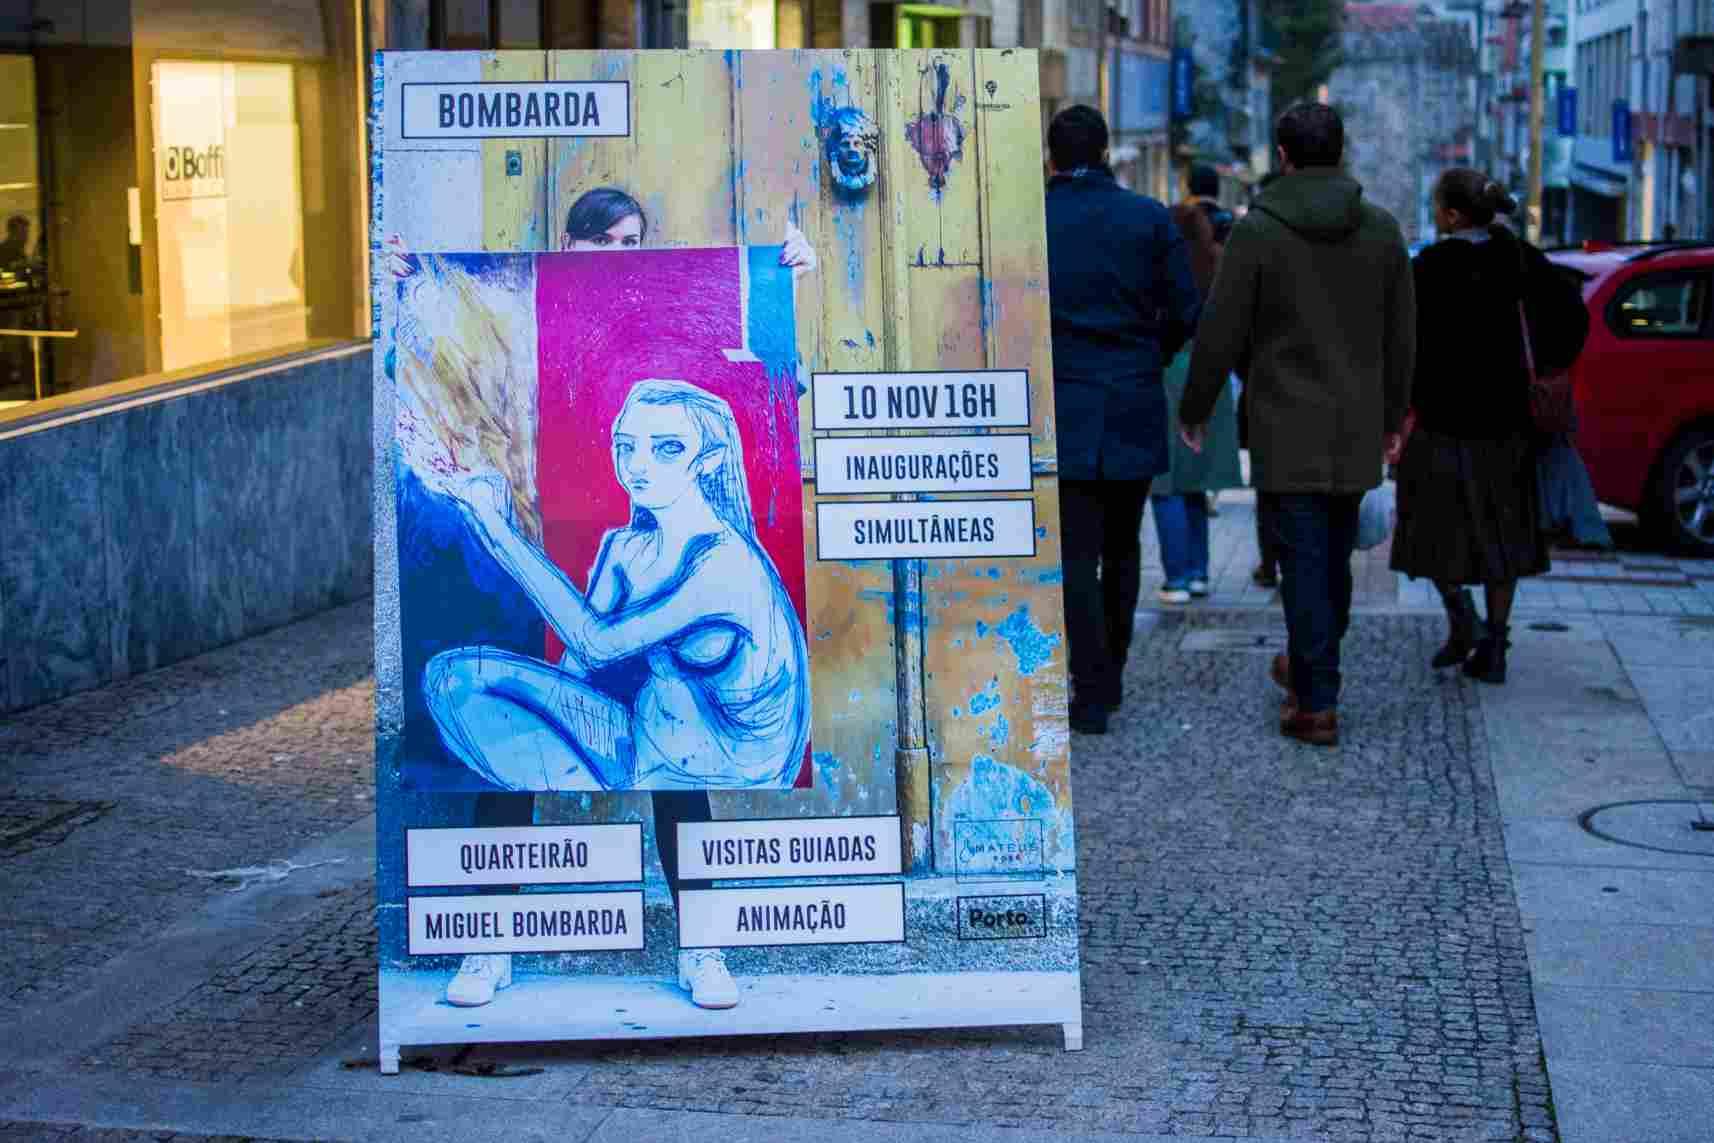 Inaugurações Simultâneas na Rua de Miguel Bombarda. Fotografia por Eli Pinheiro.